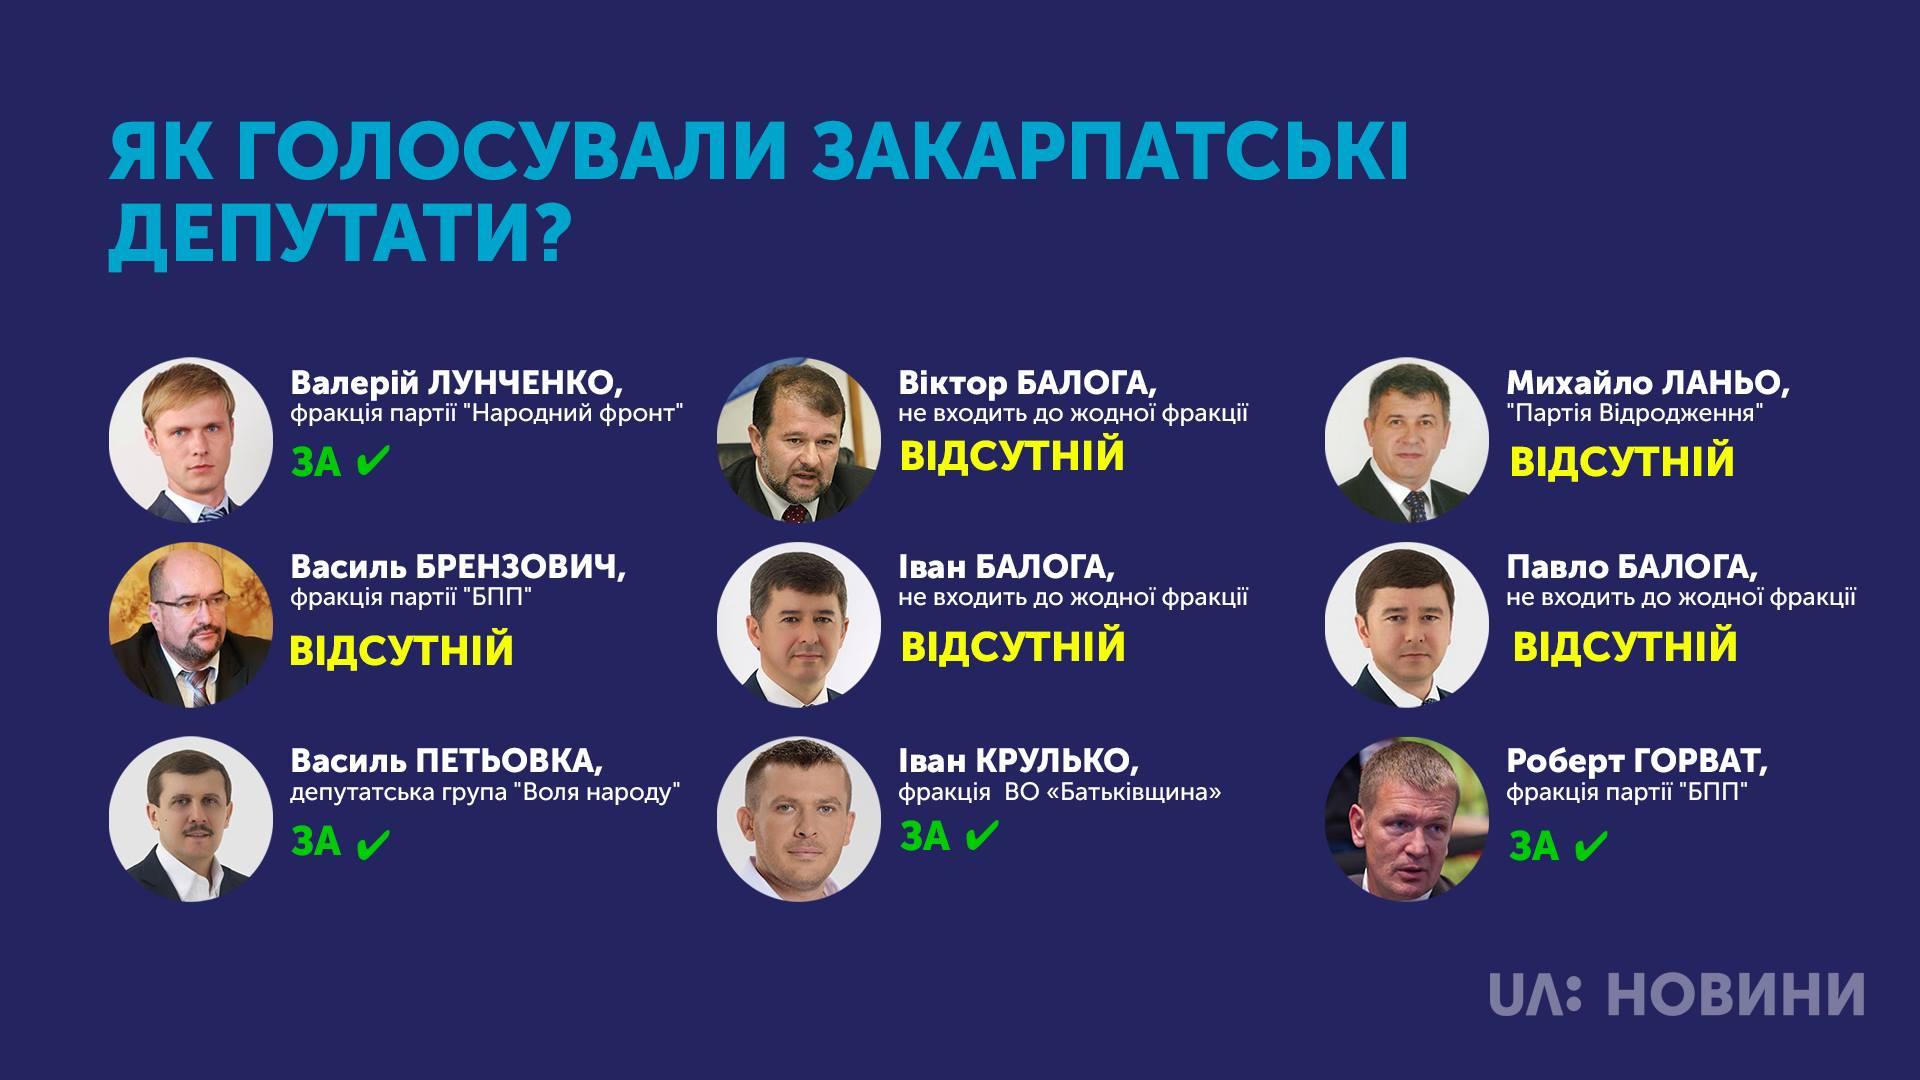 Верховна Рада підтримала введення воєнного стану в Україні, затвердивши відповідний Указ Президента України Петра Порошенка.